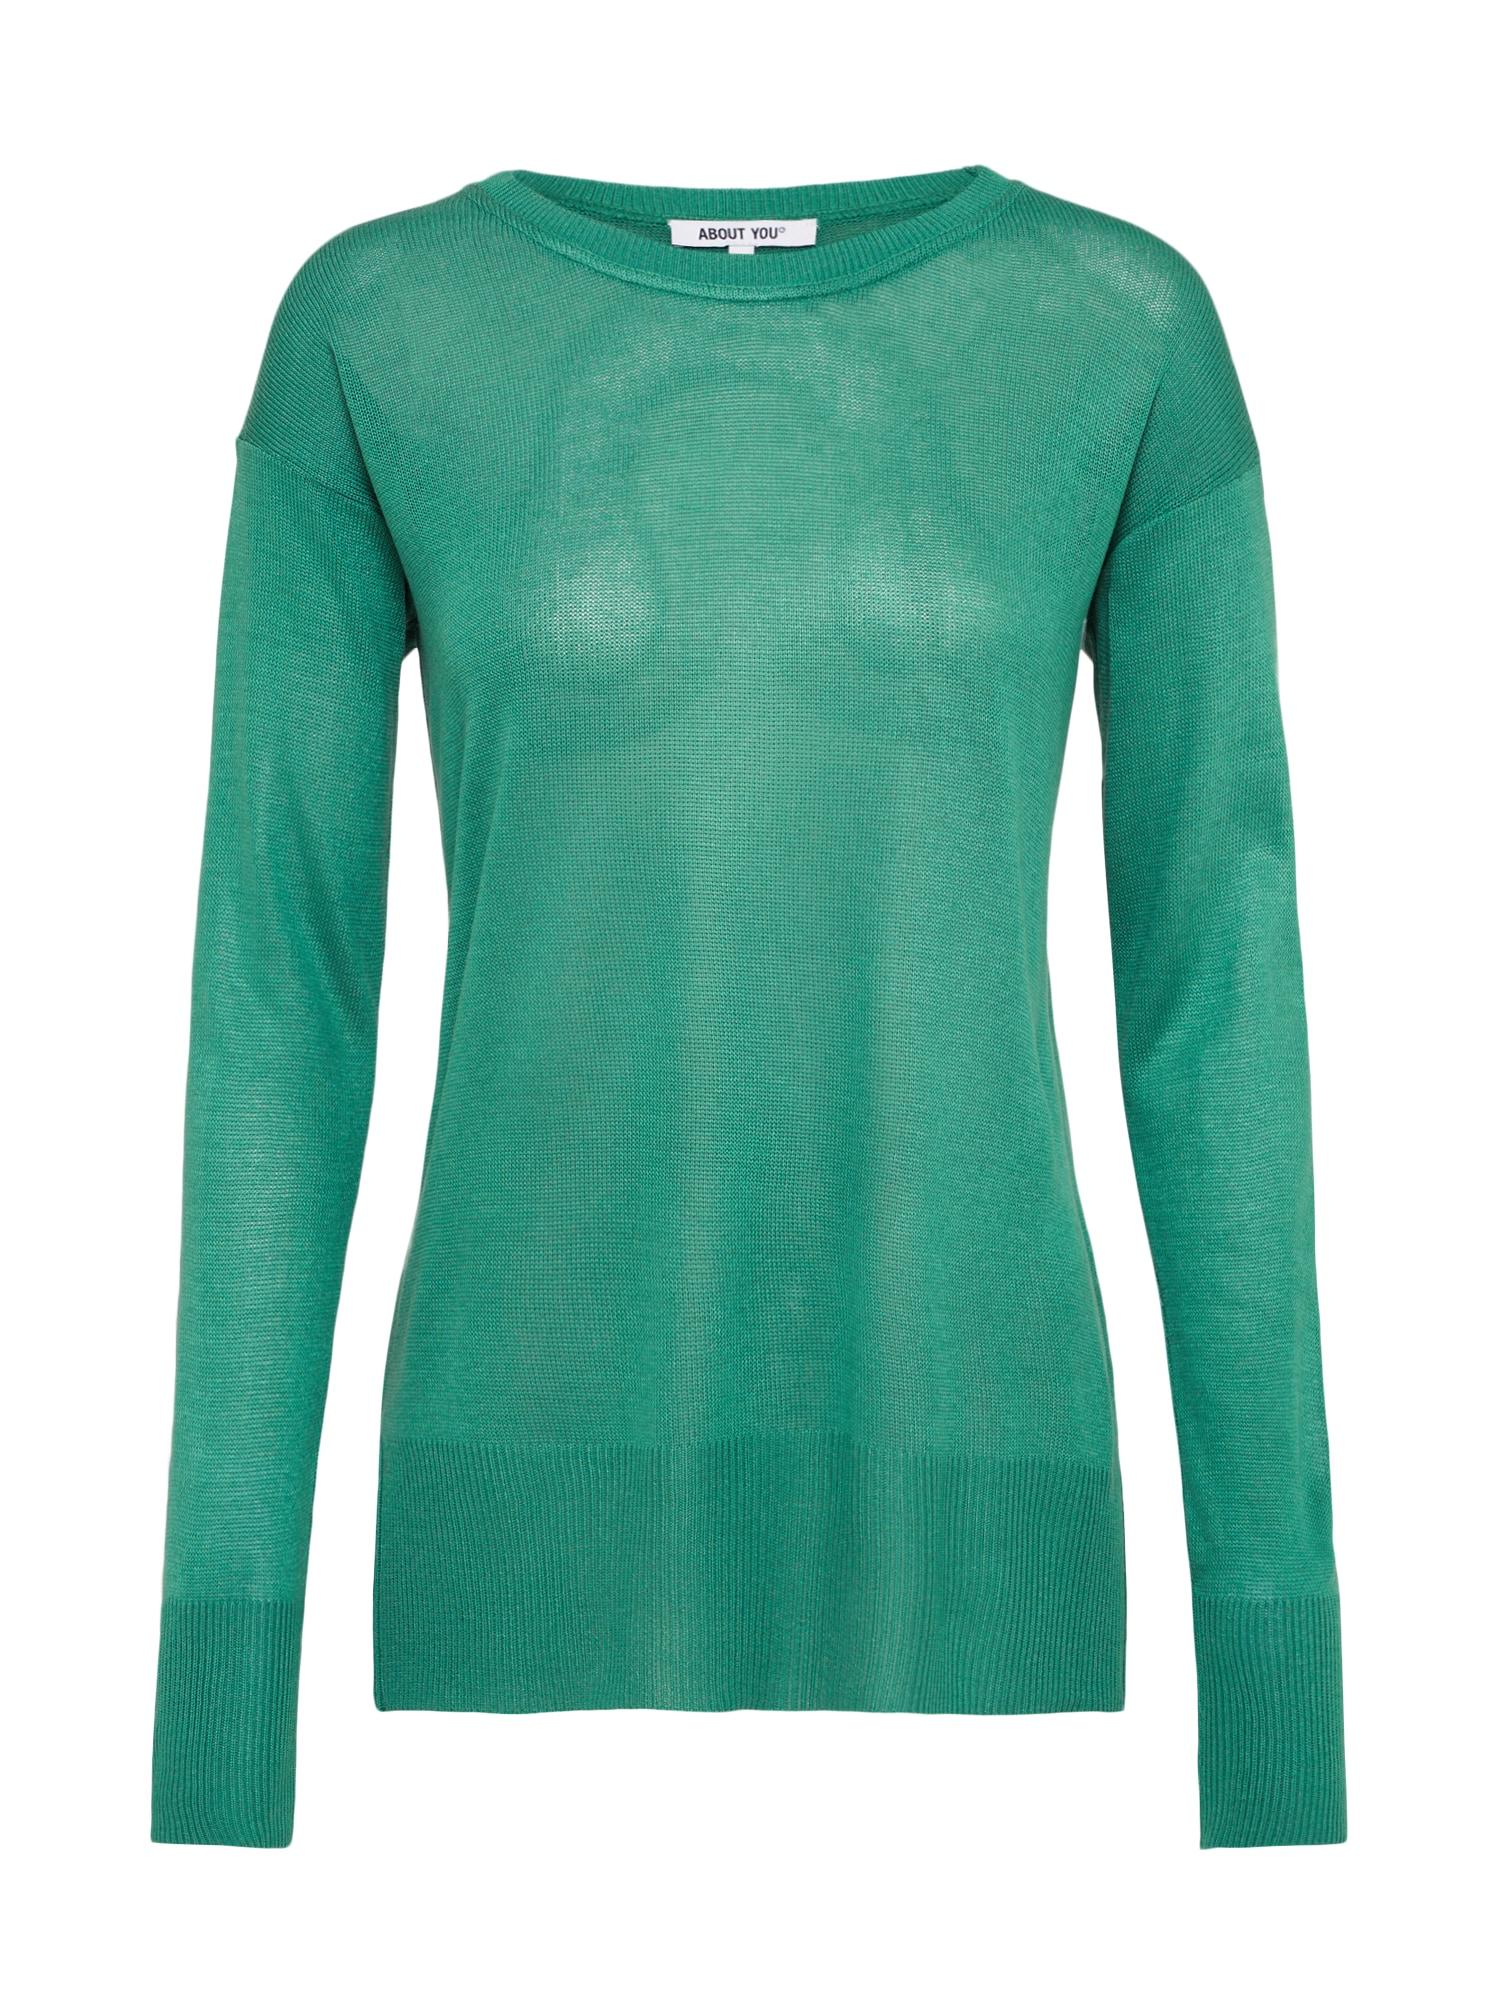 ABOUT YOU Megztinis 'Rosalina' smaragdinė spalva